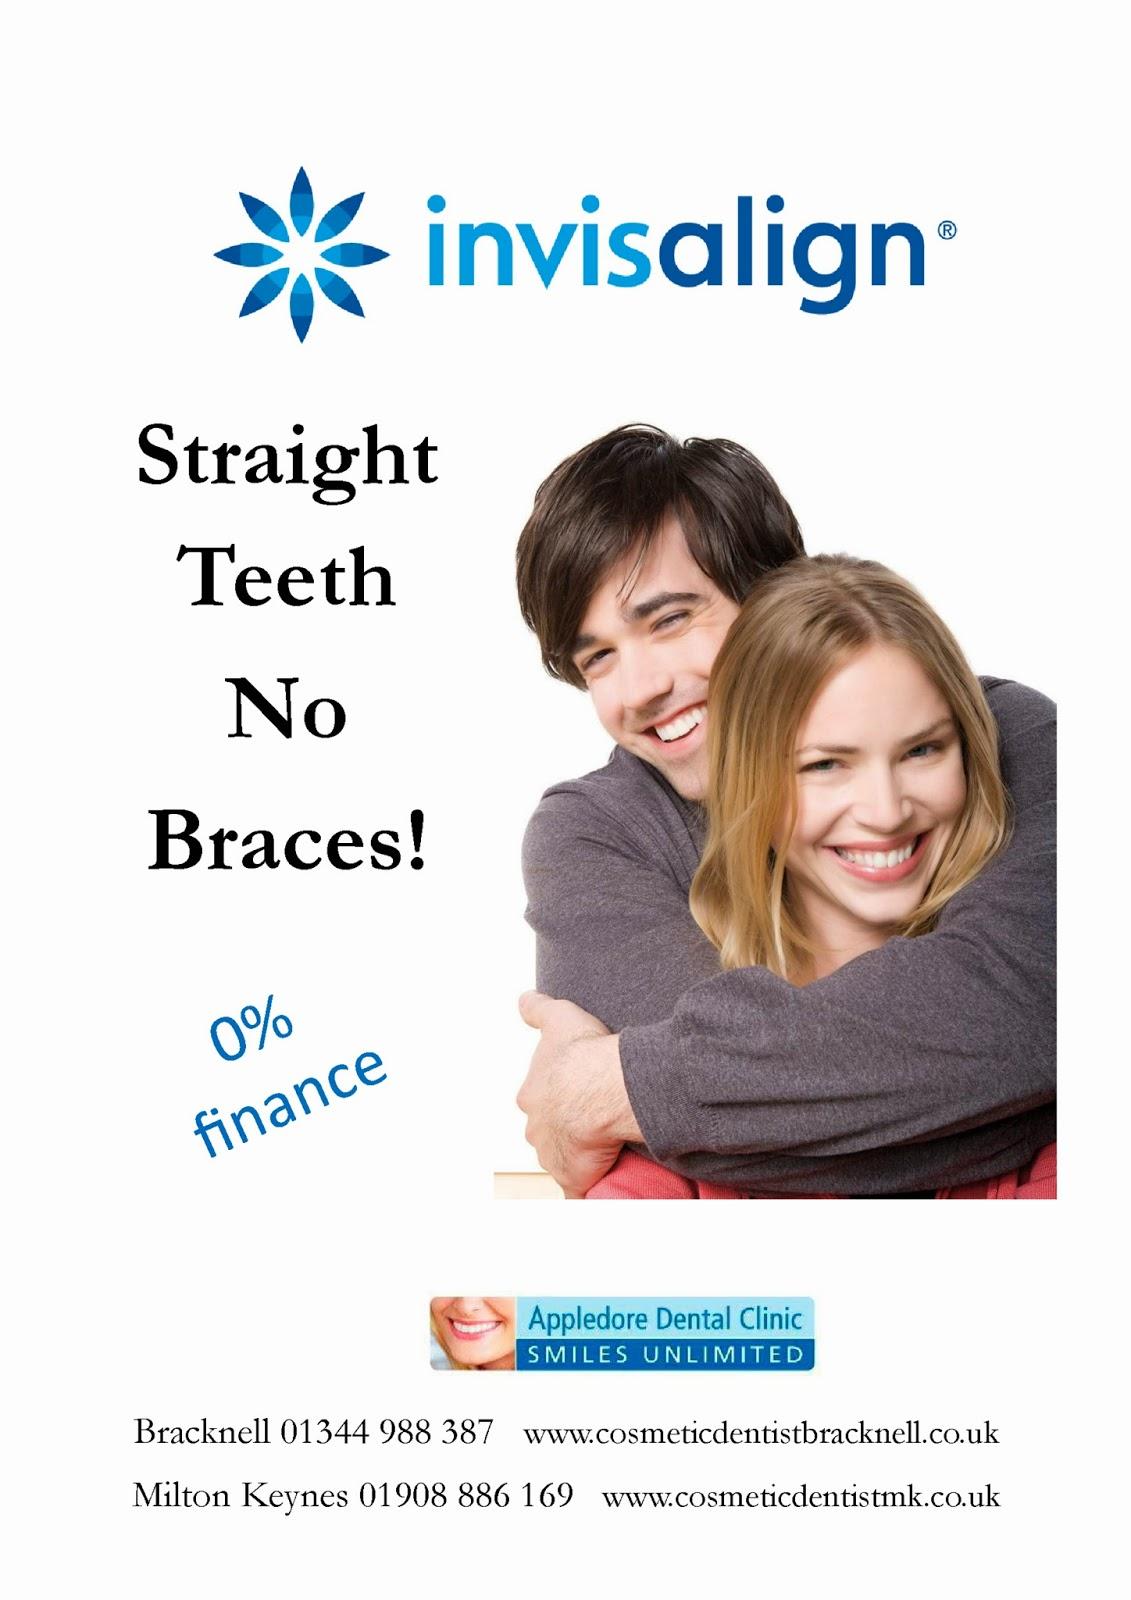 invisalign straight teeth milton keynes